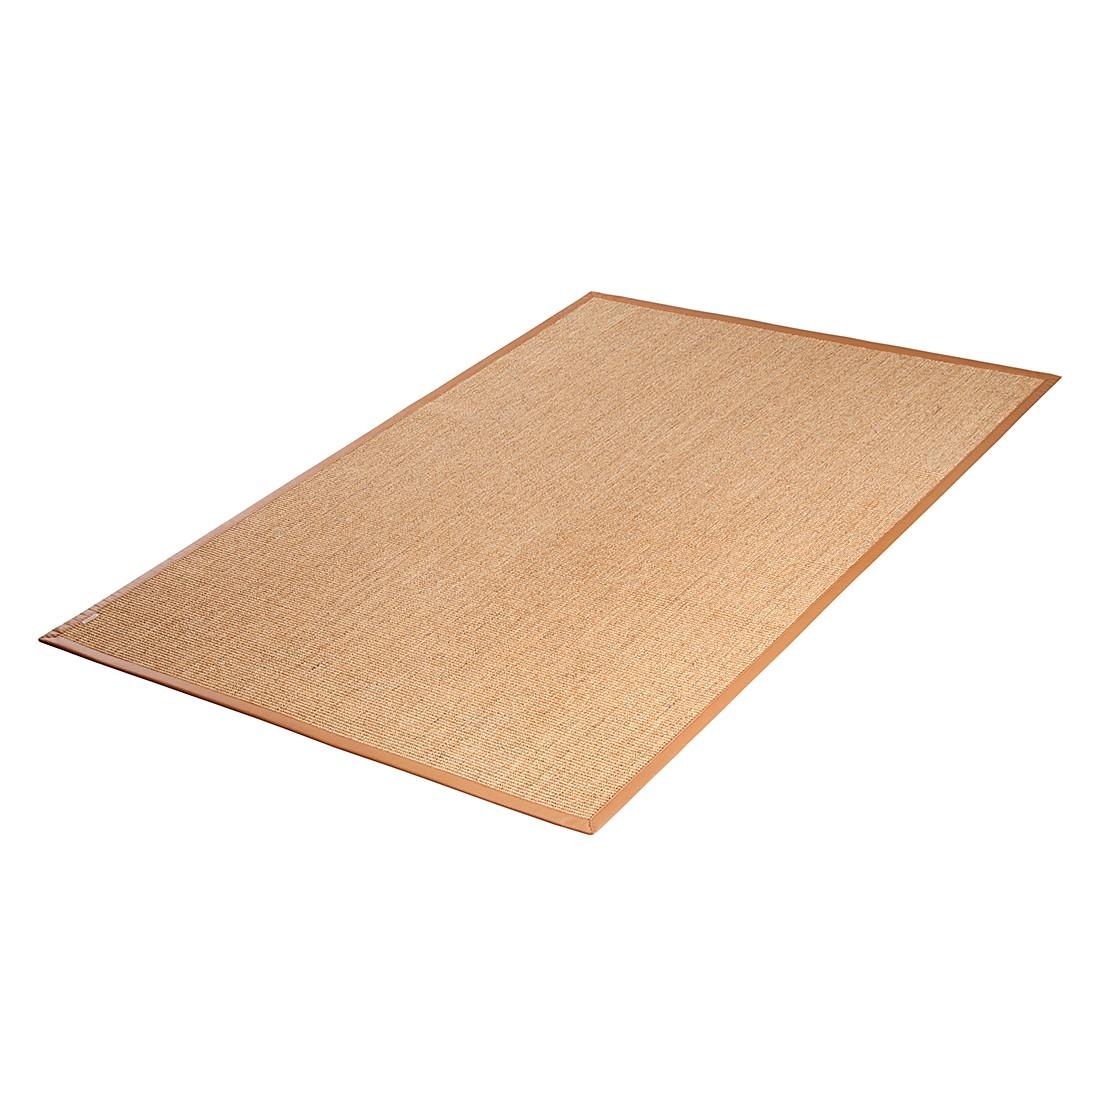 Home 24 - Tapis mara a2 - marron clair - 80 x 160 cm, dekowe